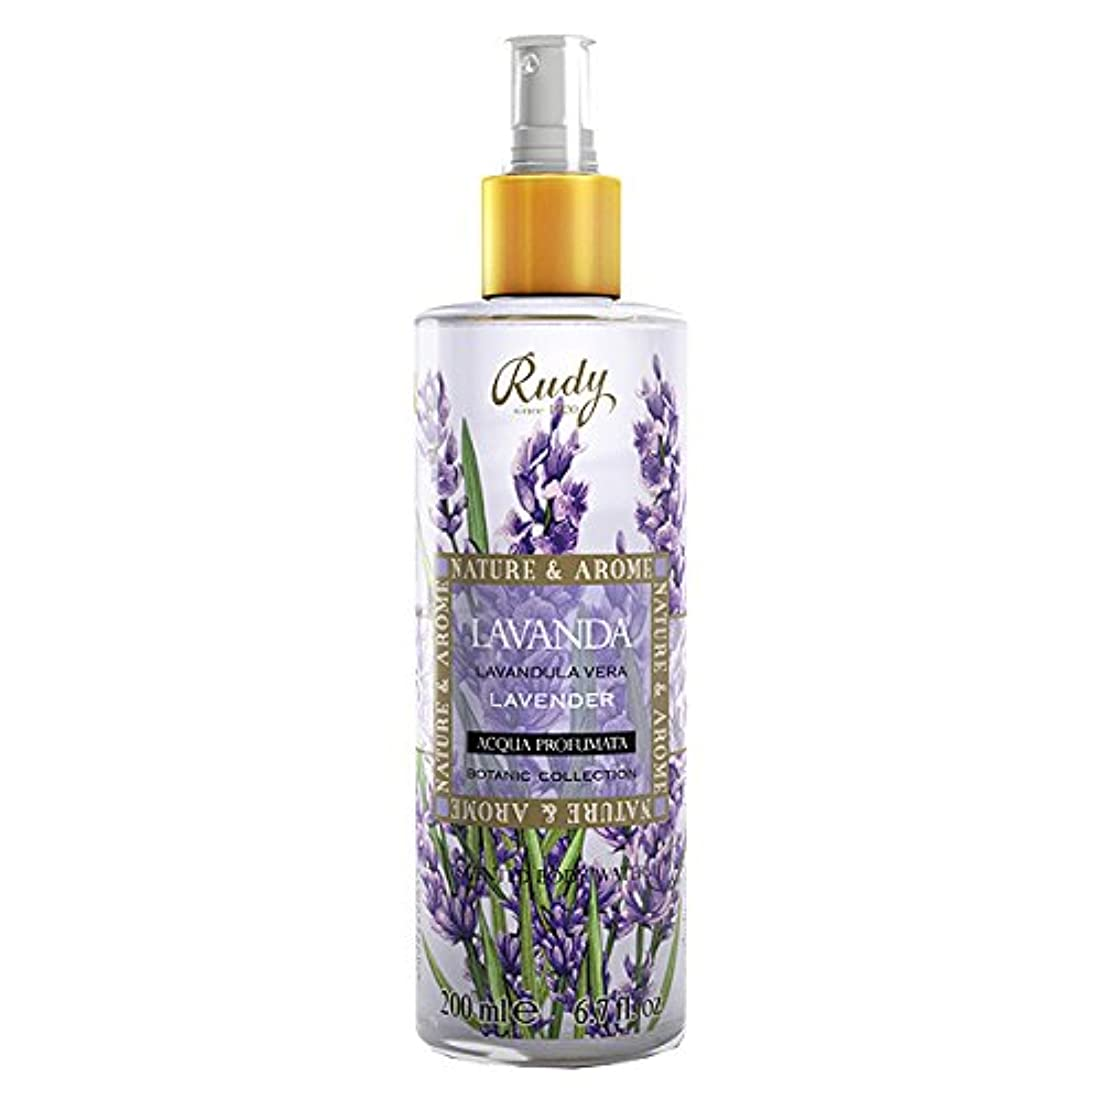 に向けて出発軽蔑する競うルディ(Rudy) ナチュール&アロマ ボディミスト ラベンダー 200ml 【並行輸入品】 RUDY Nature&Arome SERIES Body Mist Lavender